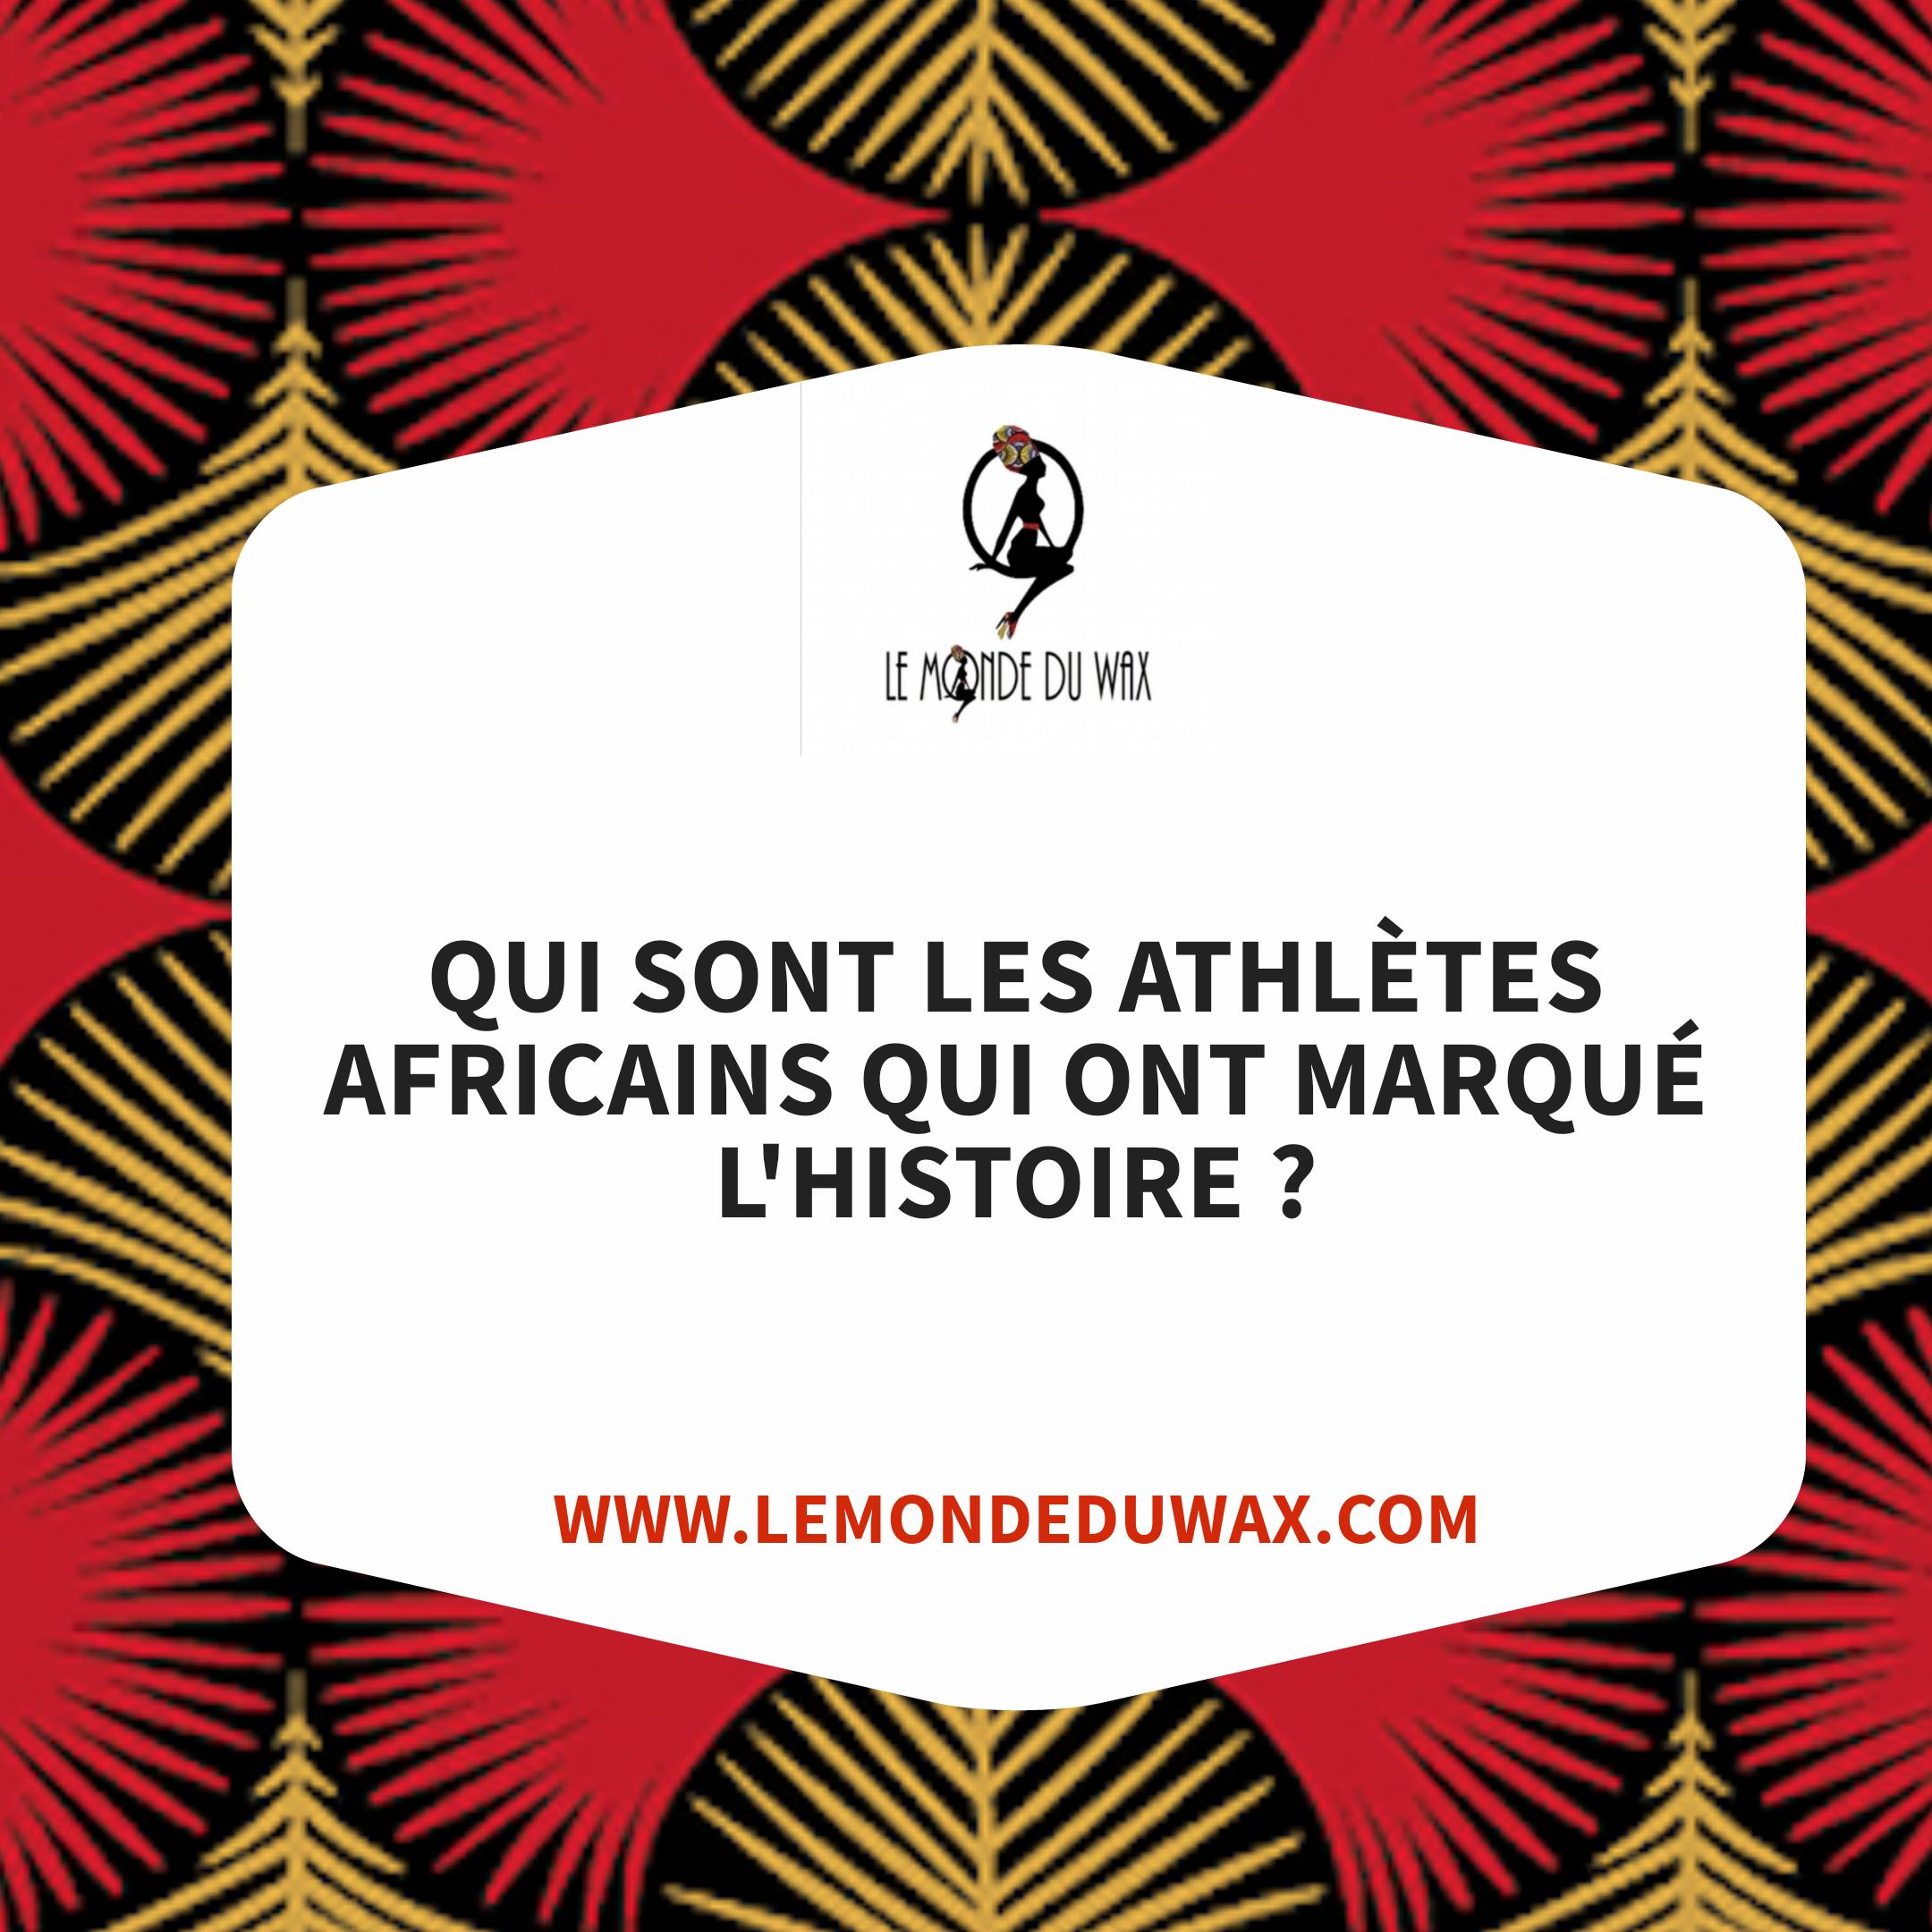 Ces athlètes africains qui ont marqué les Jeux Olympiques